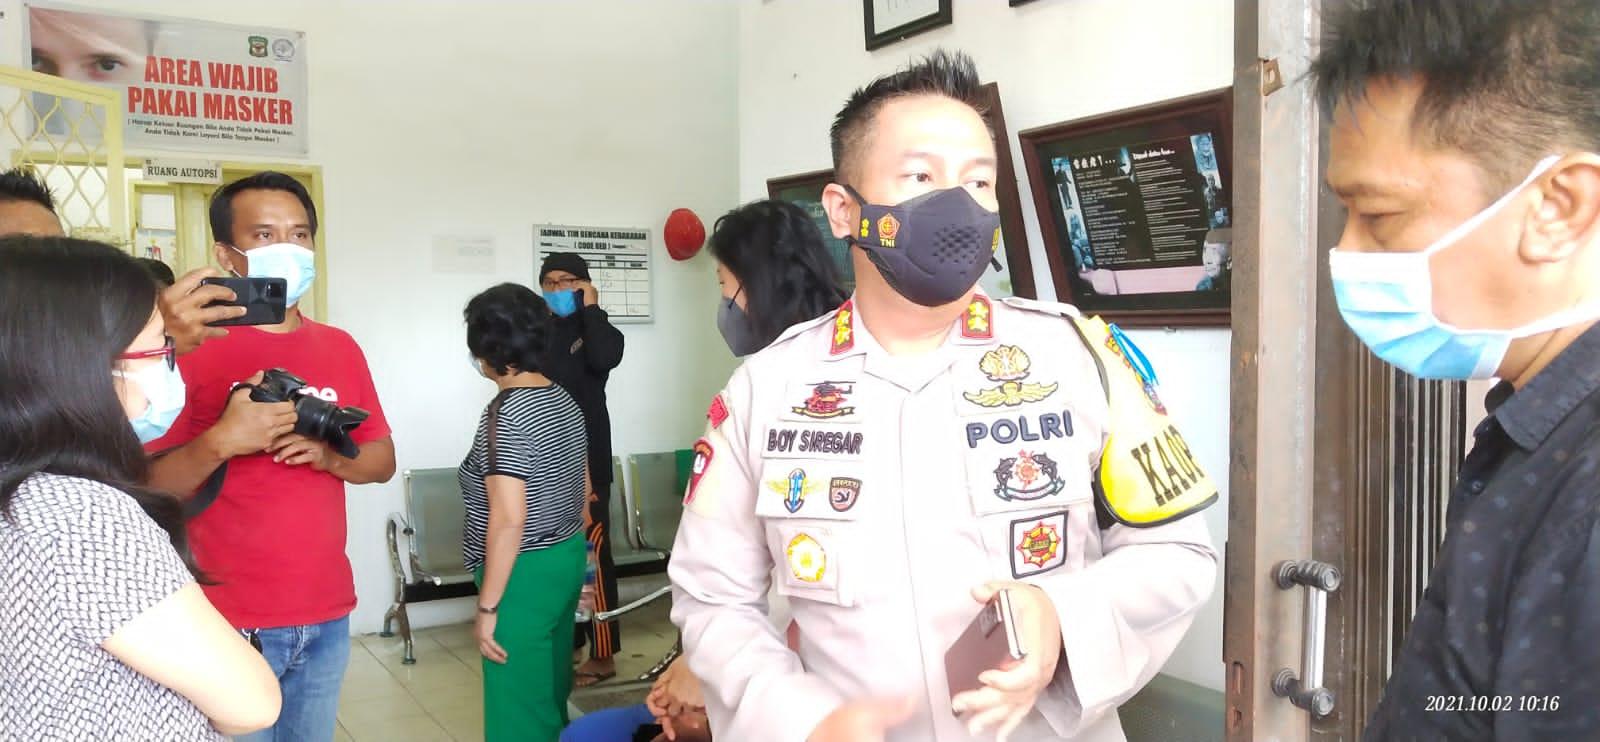 Kapolres Siantar, AKBP Boy Sutan Binagga Siregar, saat berada di ruang Autopsi Jeazah RSUD Djasamen Saragih Kota Pematang Siatar, Sabtu (2/10/2021). FOTO: Matius Gea/Lingkar.co